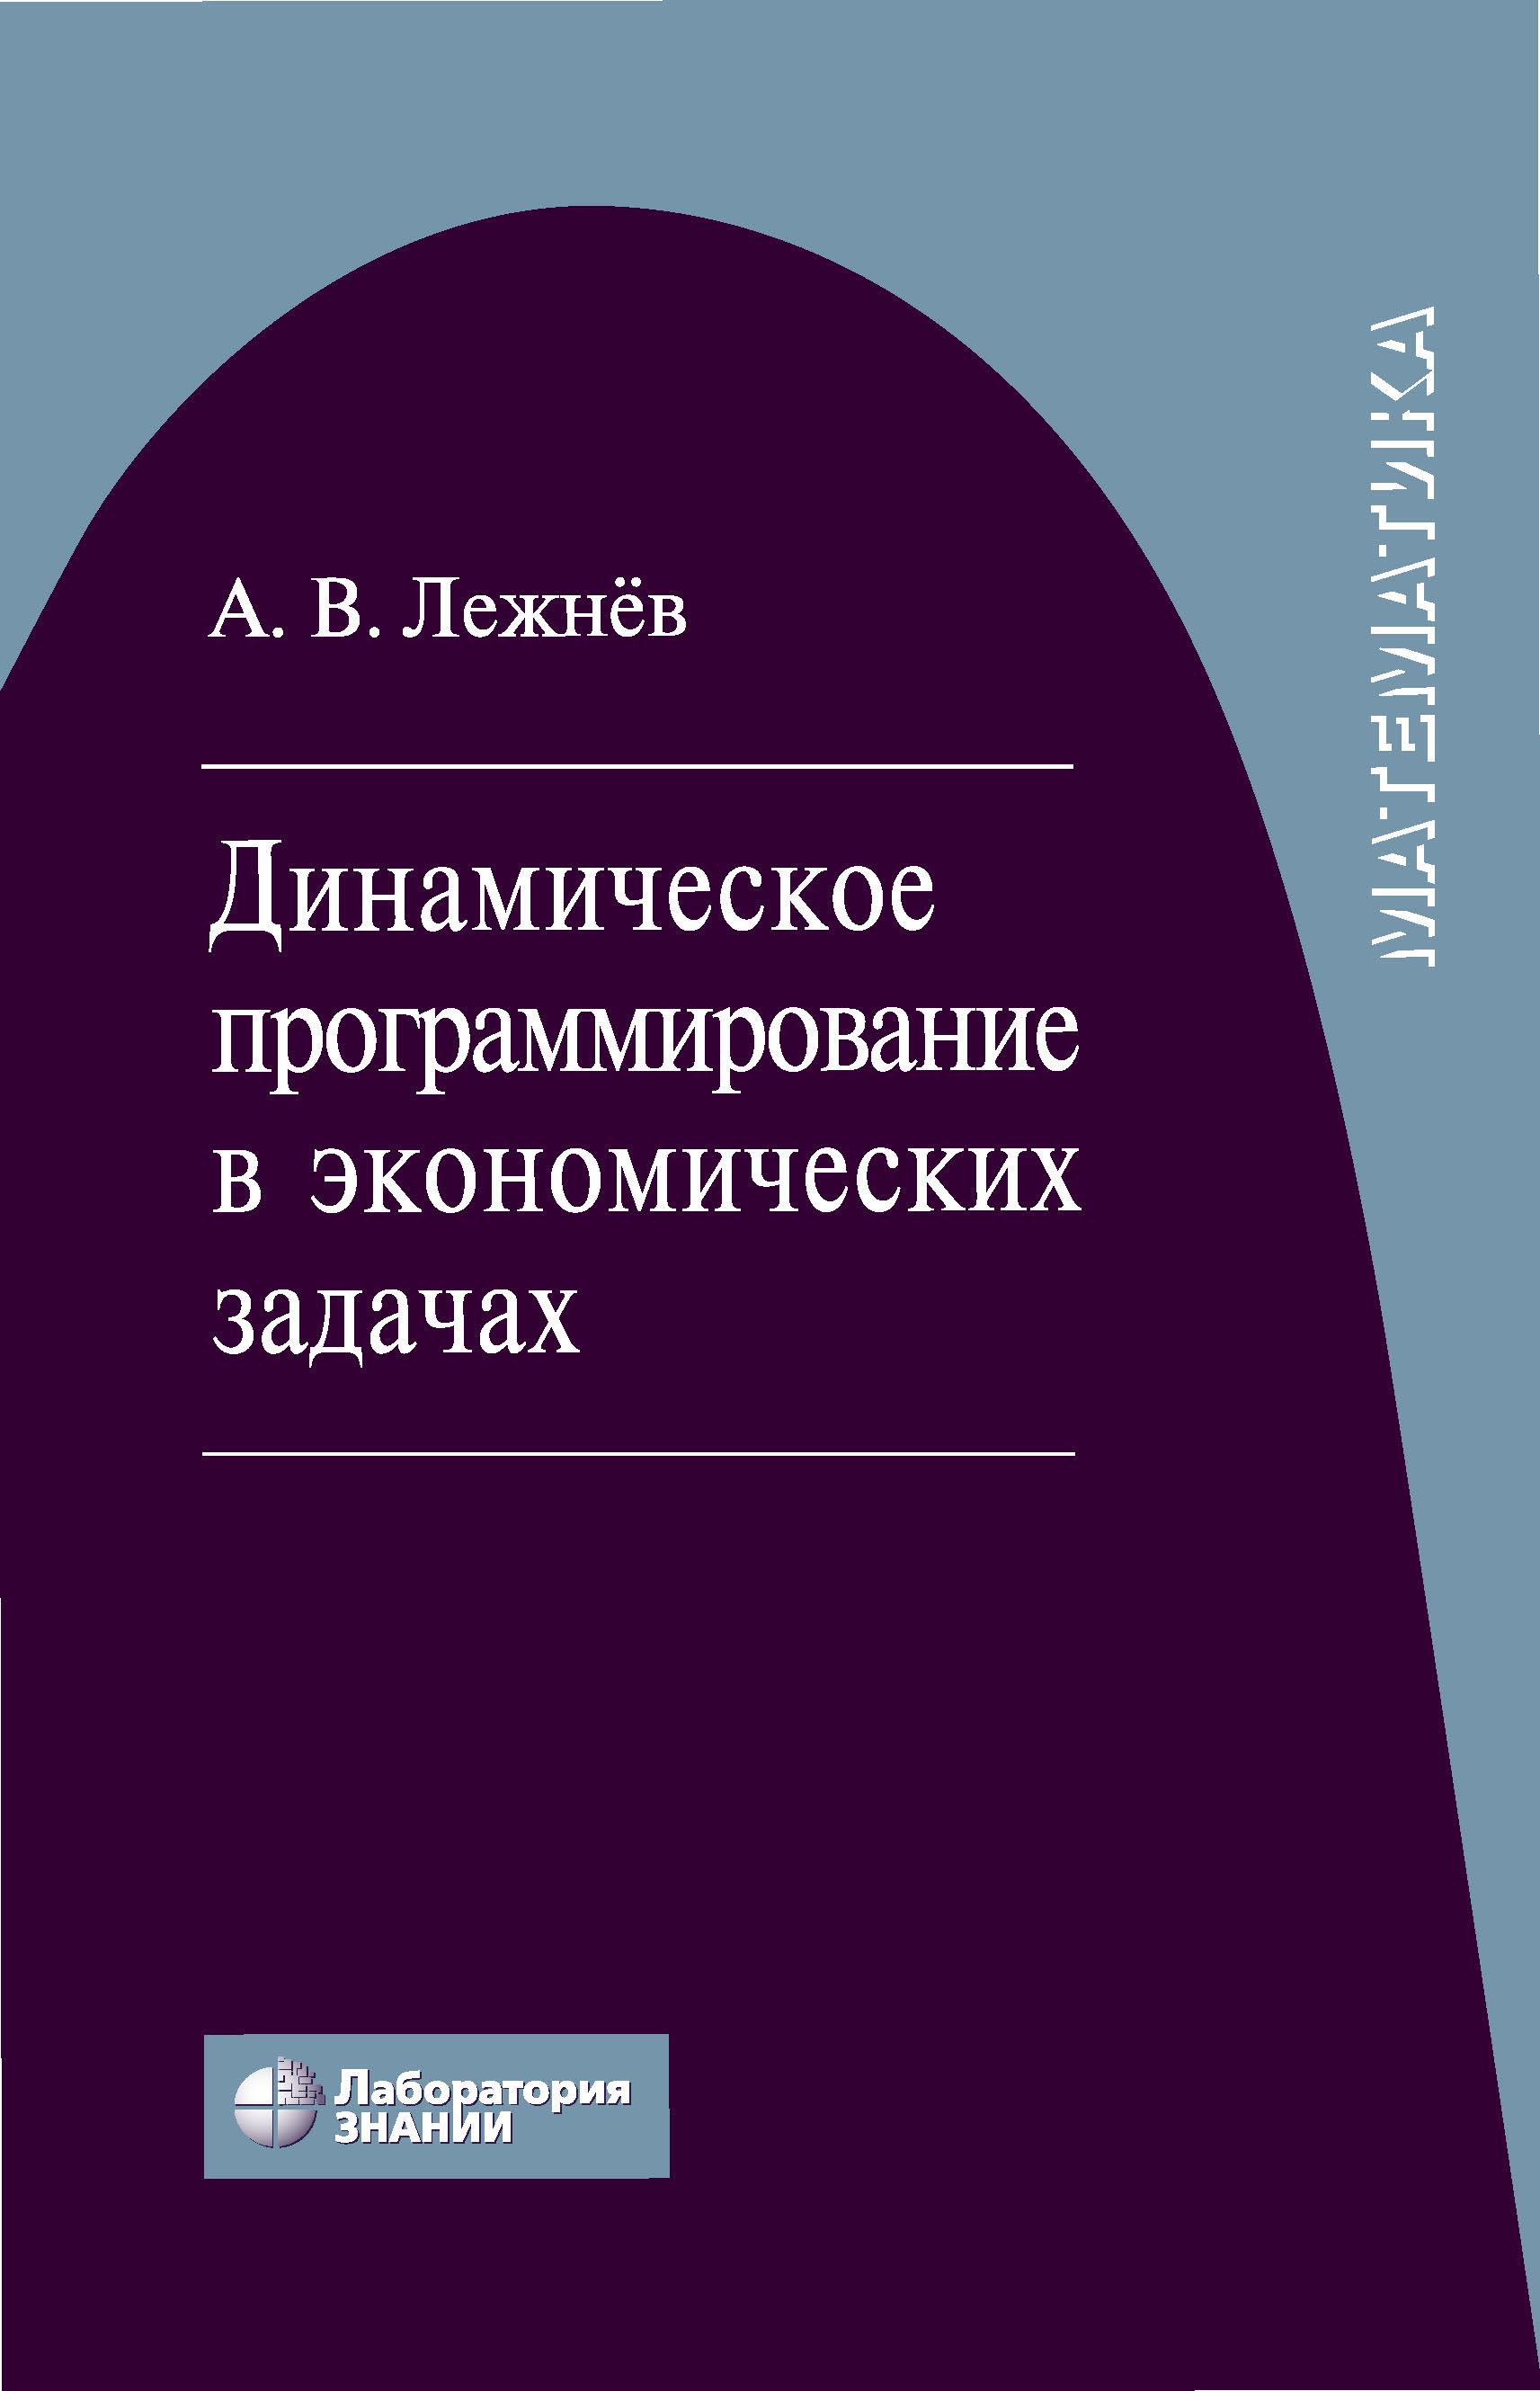 А. В. Лежнёв Динамическое программирование в экономических задачах. Учебное пособие